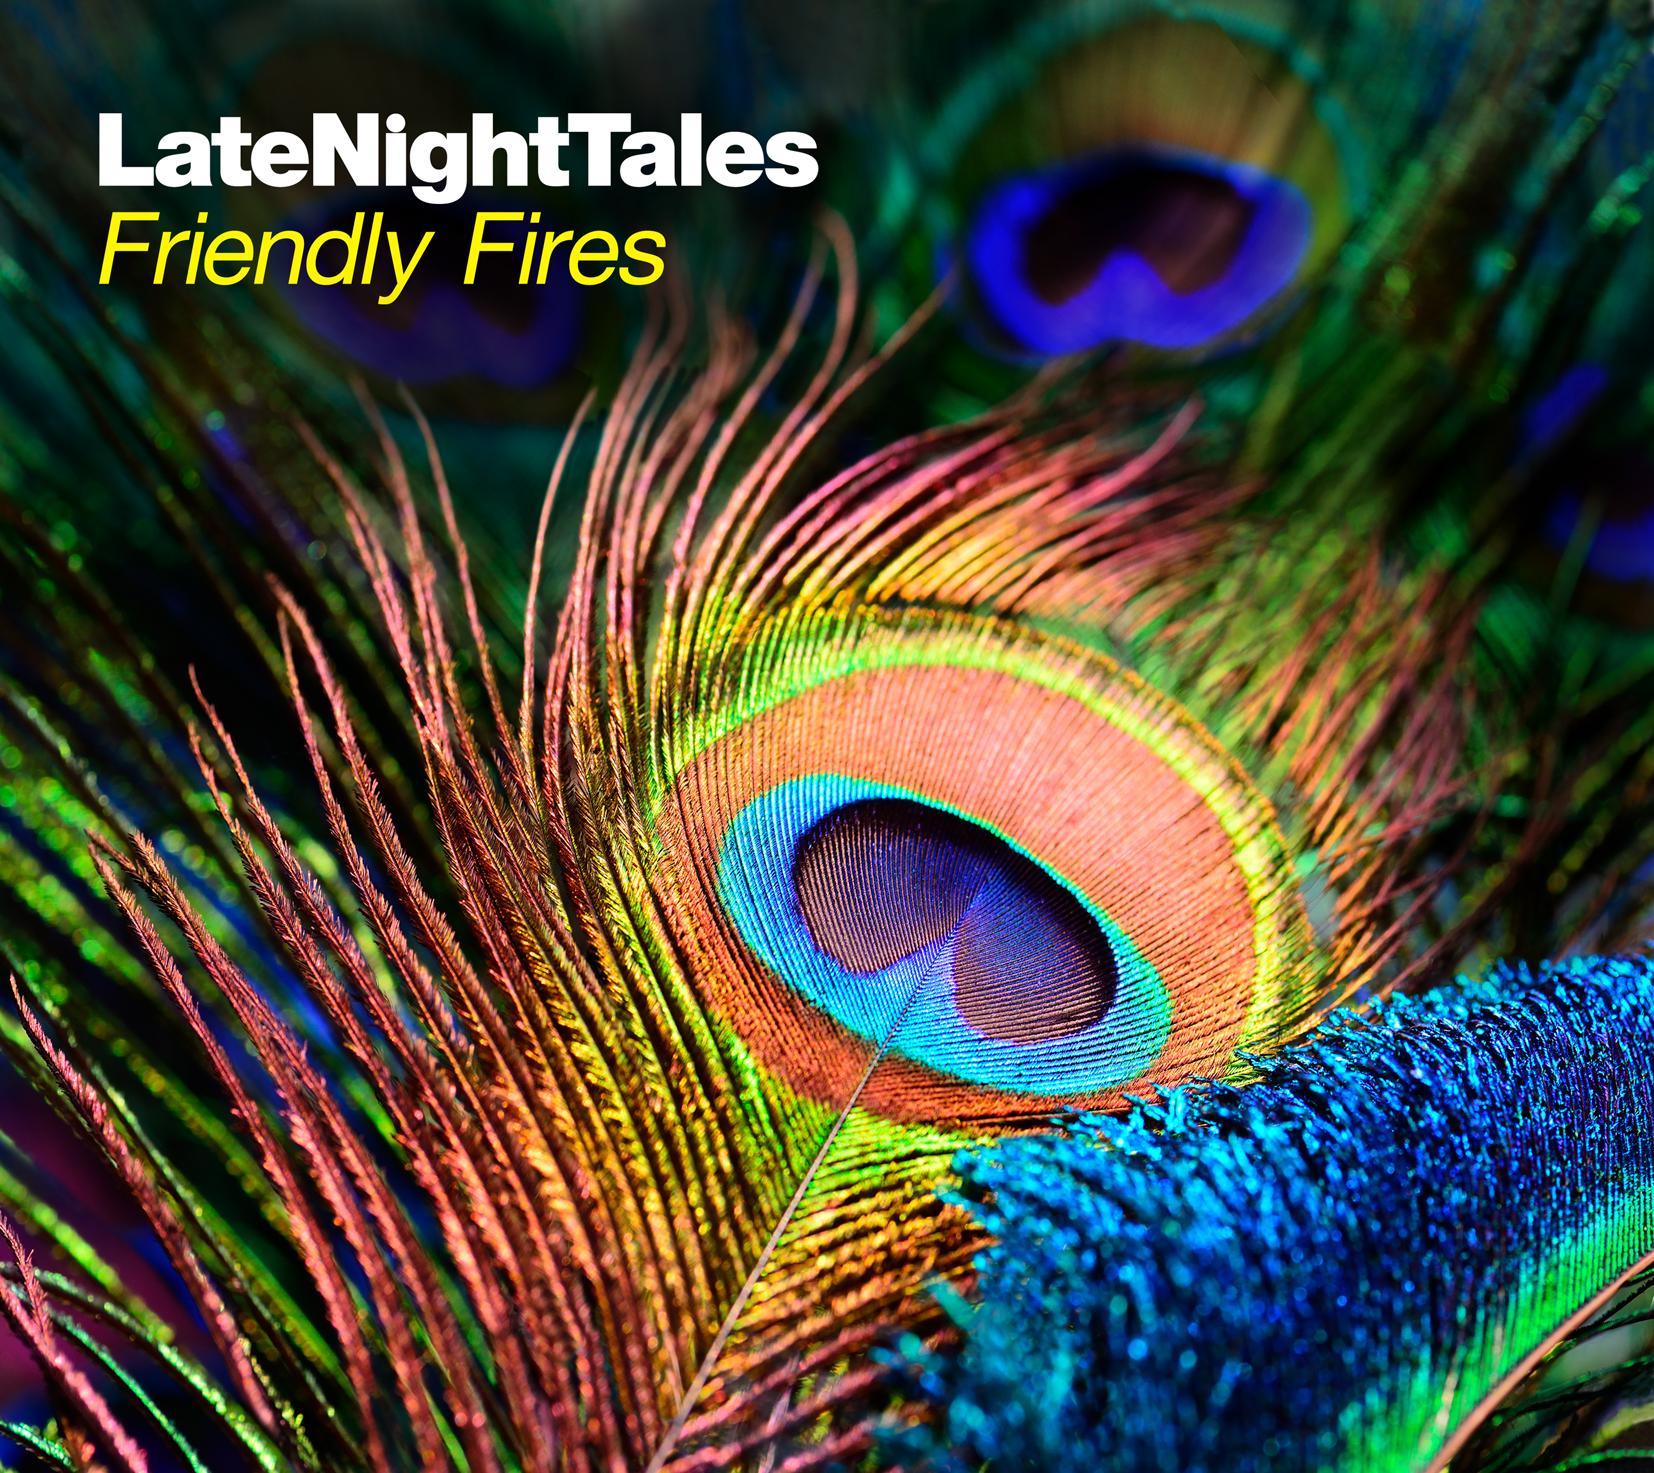 Nächtliche Märchenstunde mit Friendly Fires